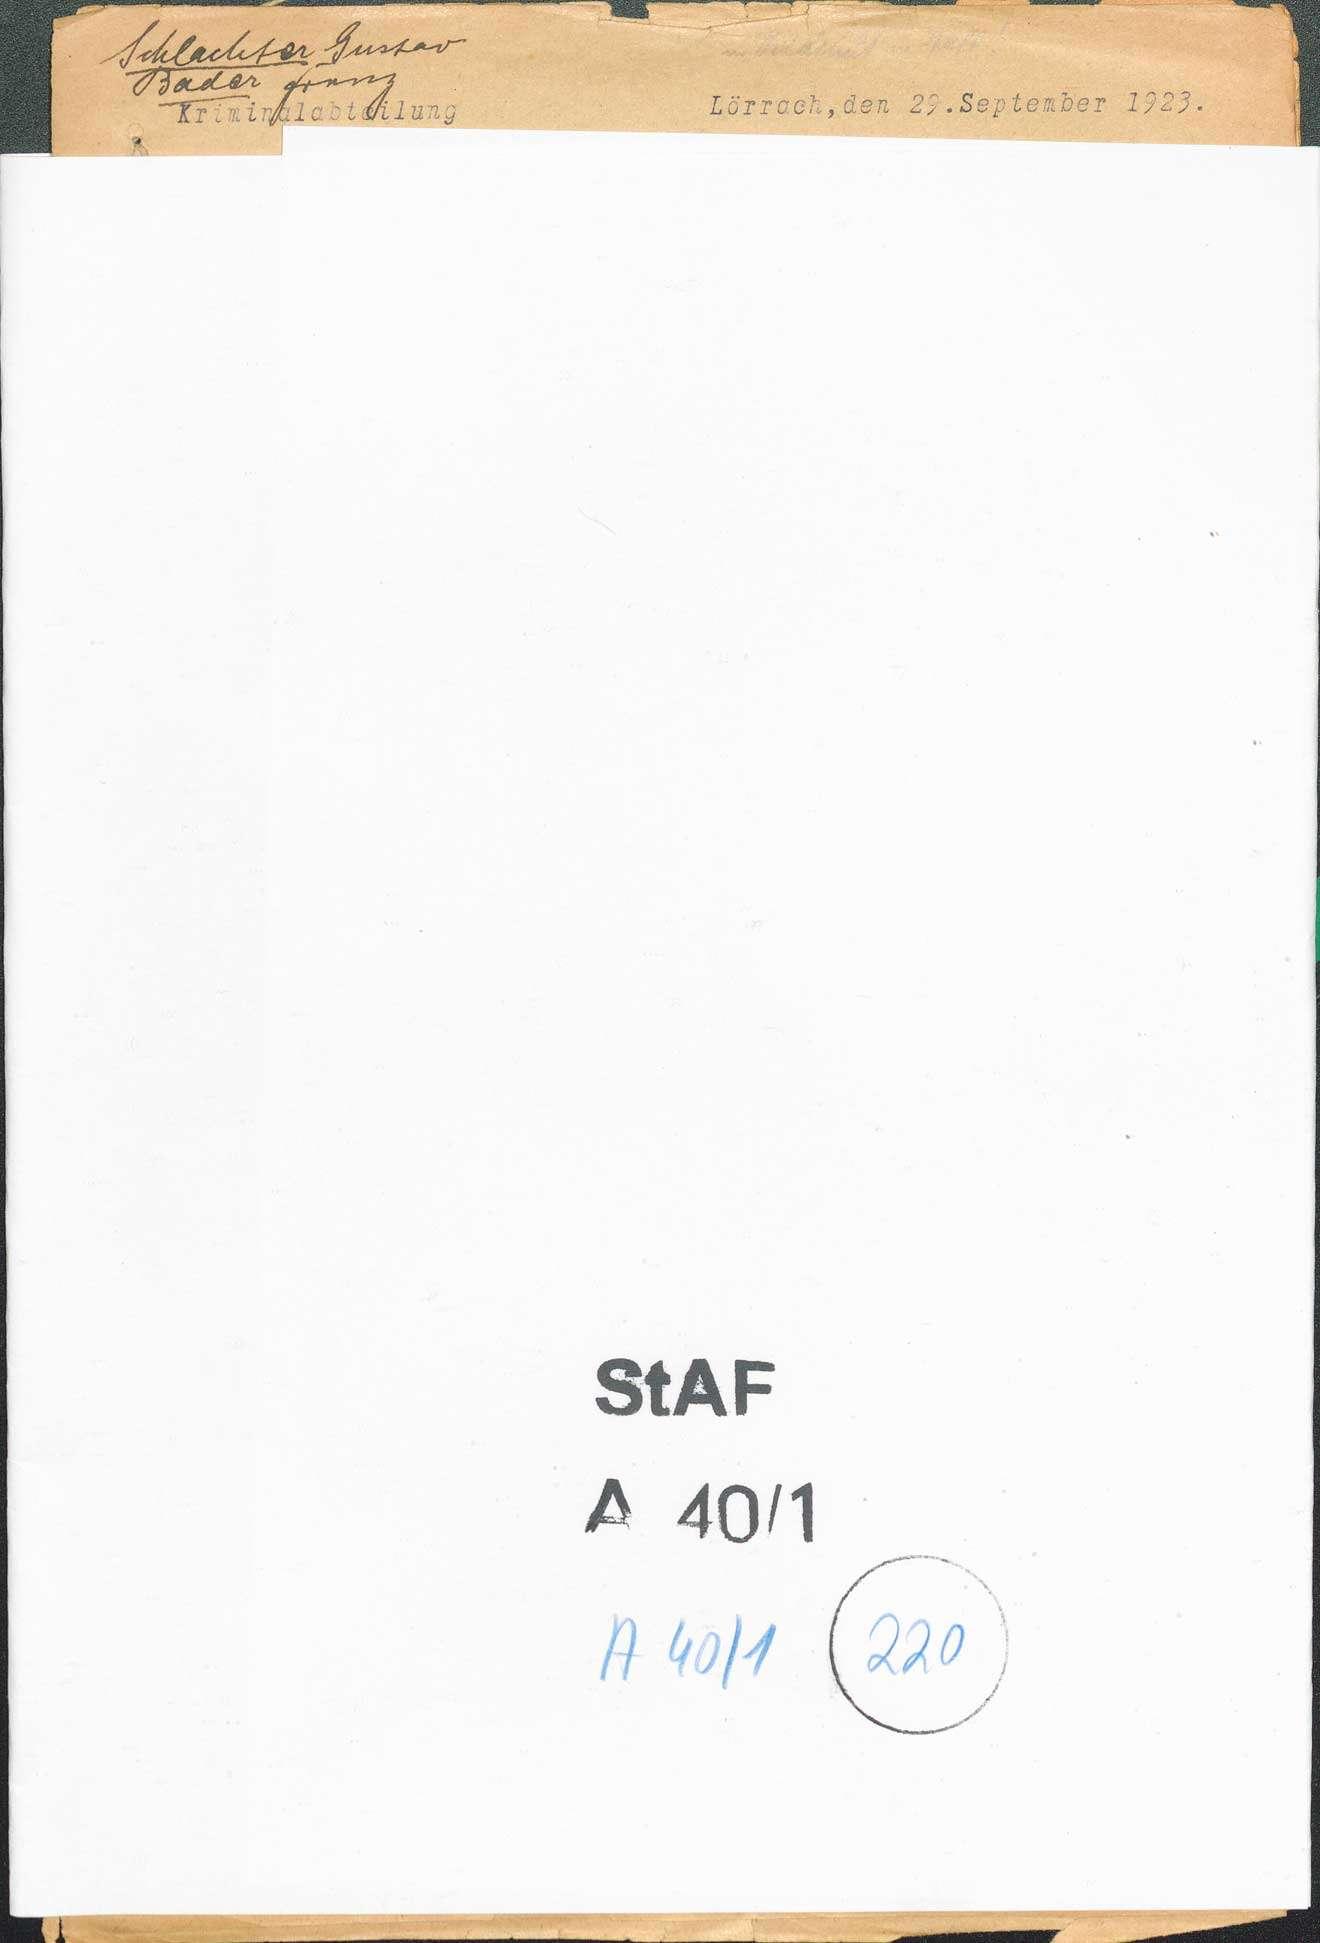 Ermittlungen gegen Gustav Schlachter, Wehr Franz Bader, Wehr wegen Landfriedensbruch (Teilnahme an den Unruhen in Lörrach, Sept. 1923, Ermittlungen eingestellt), Bild 1